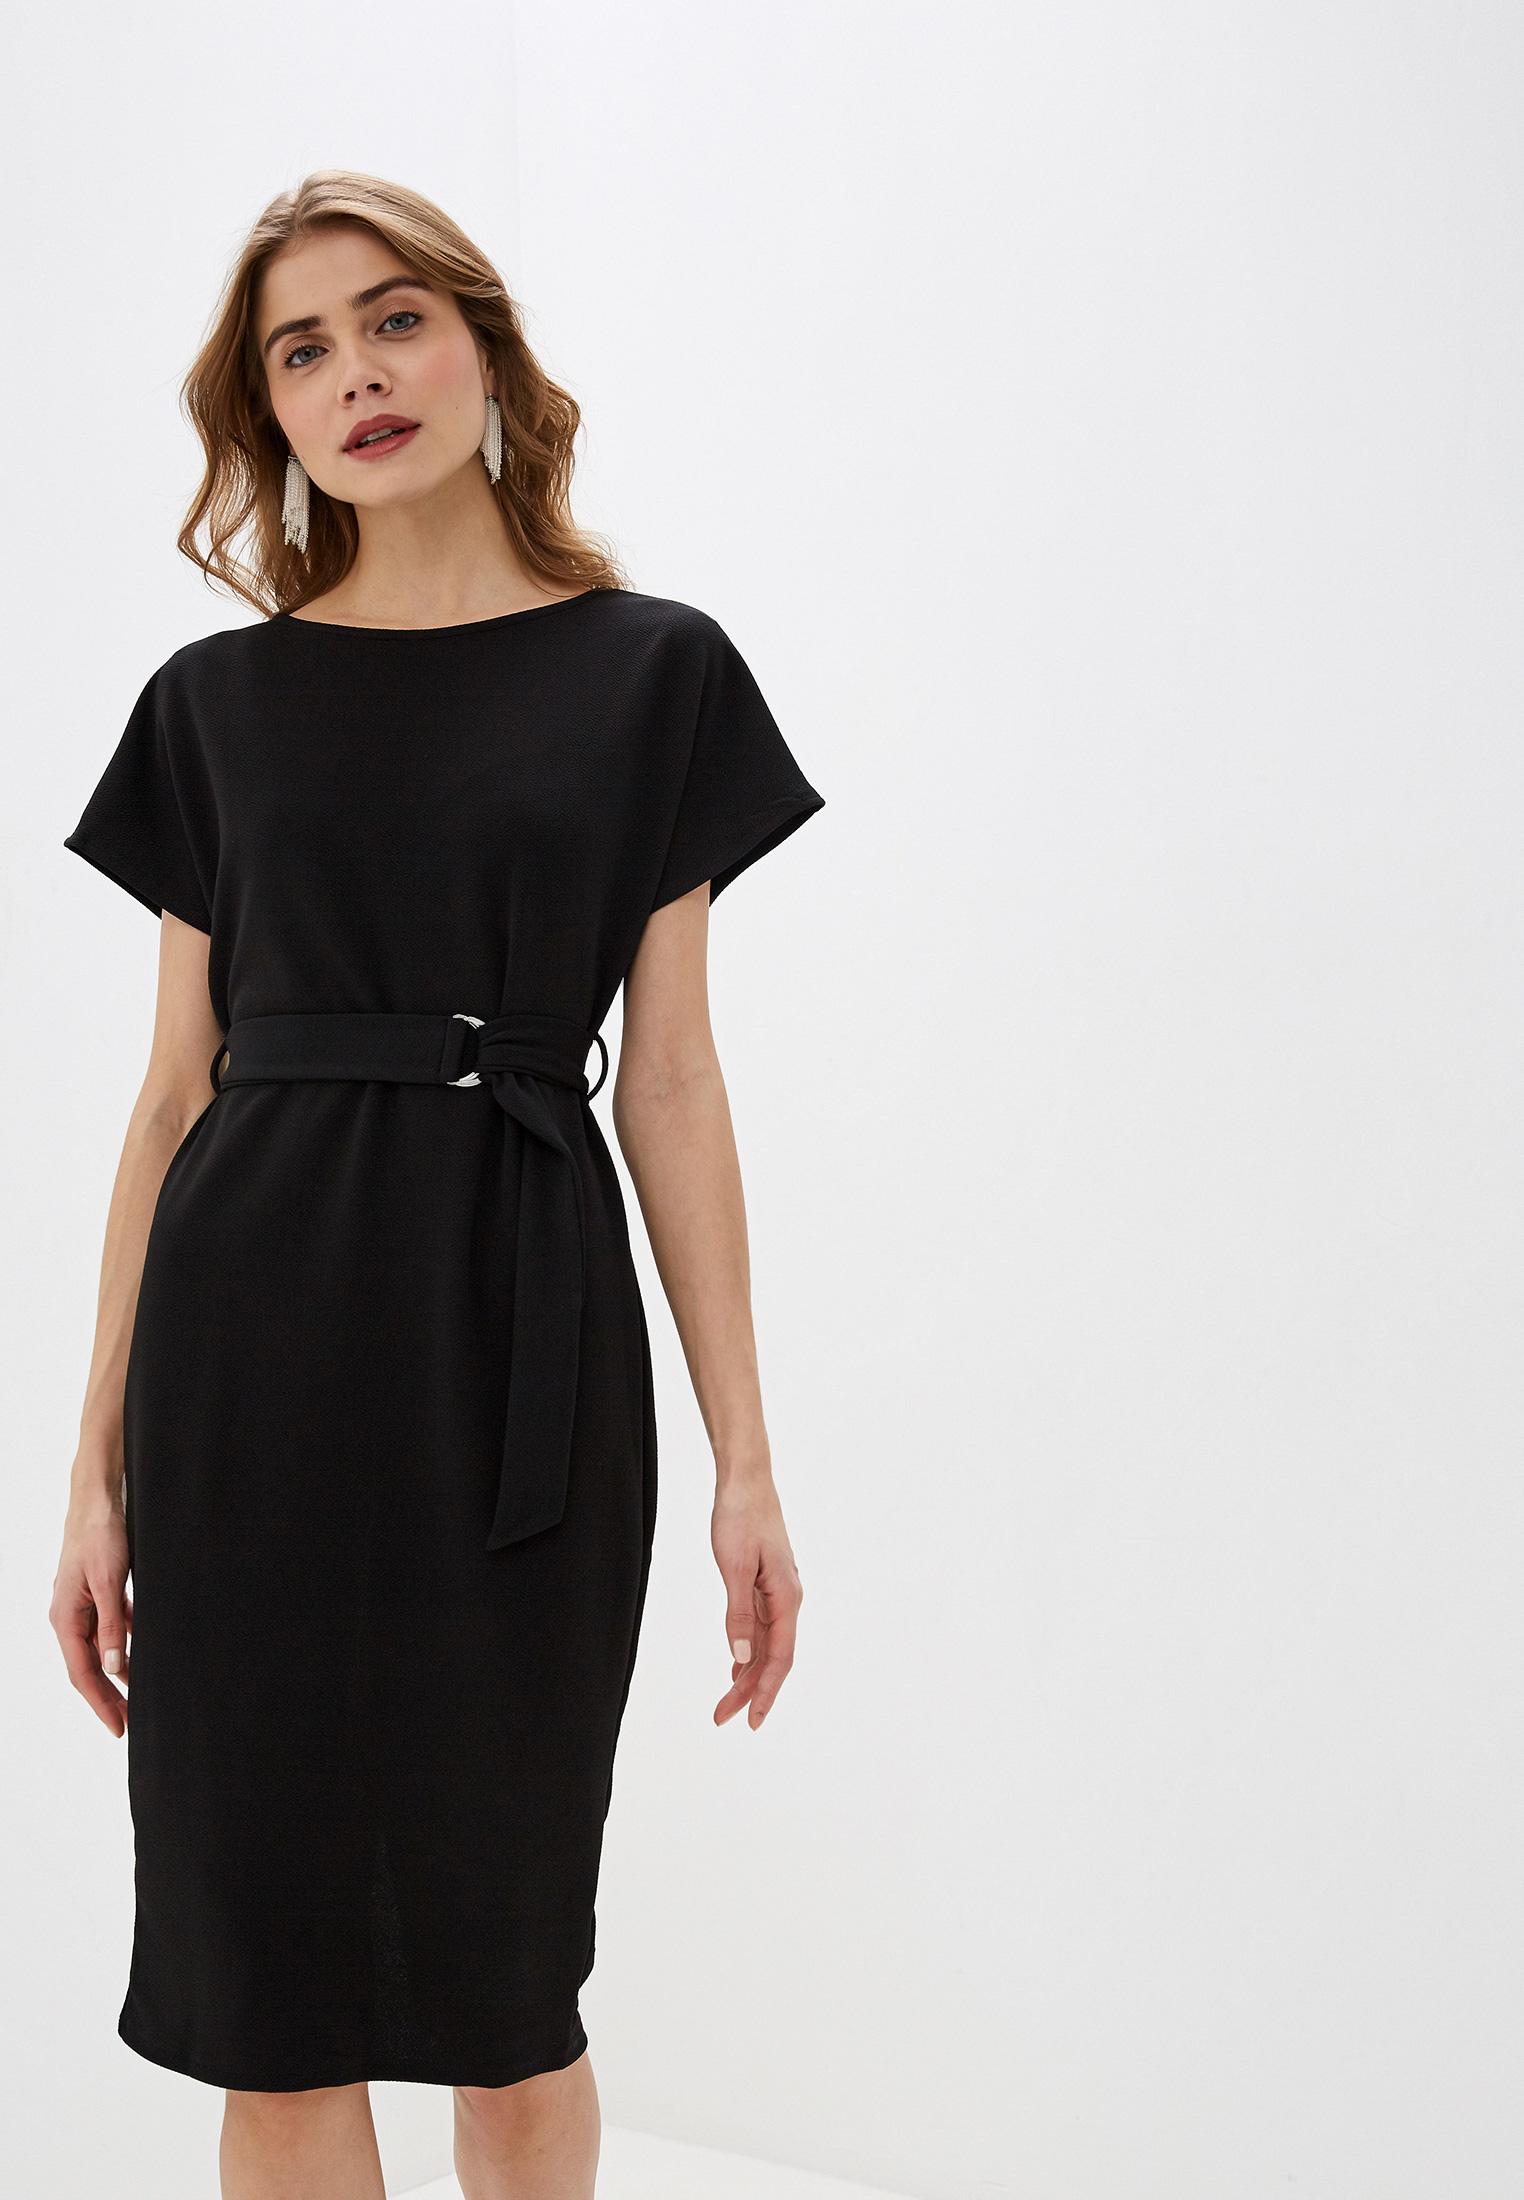 болезней указаны черные платья фото дизайнеров сожалению, россии еще